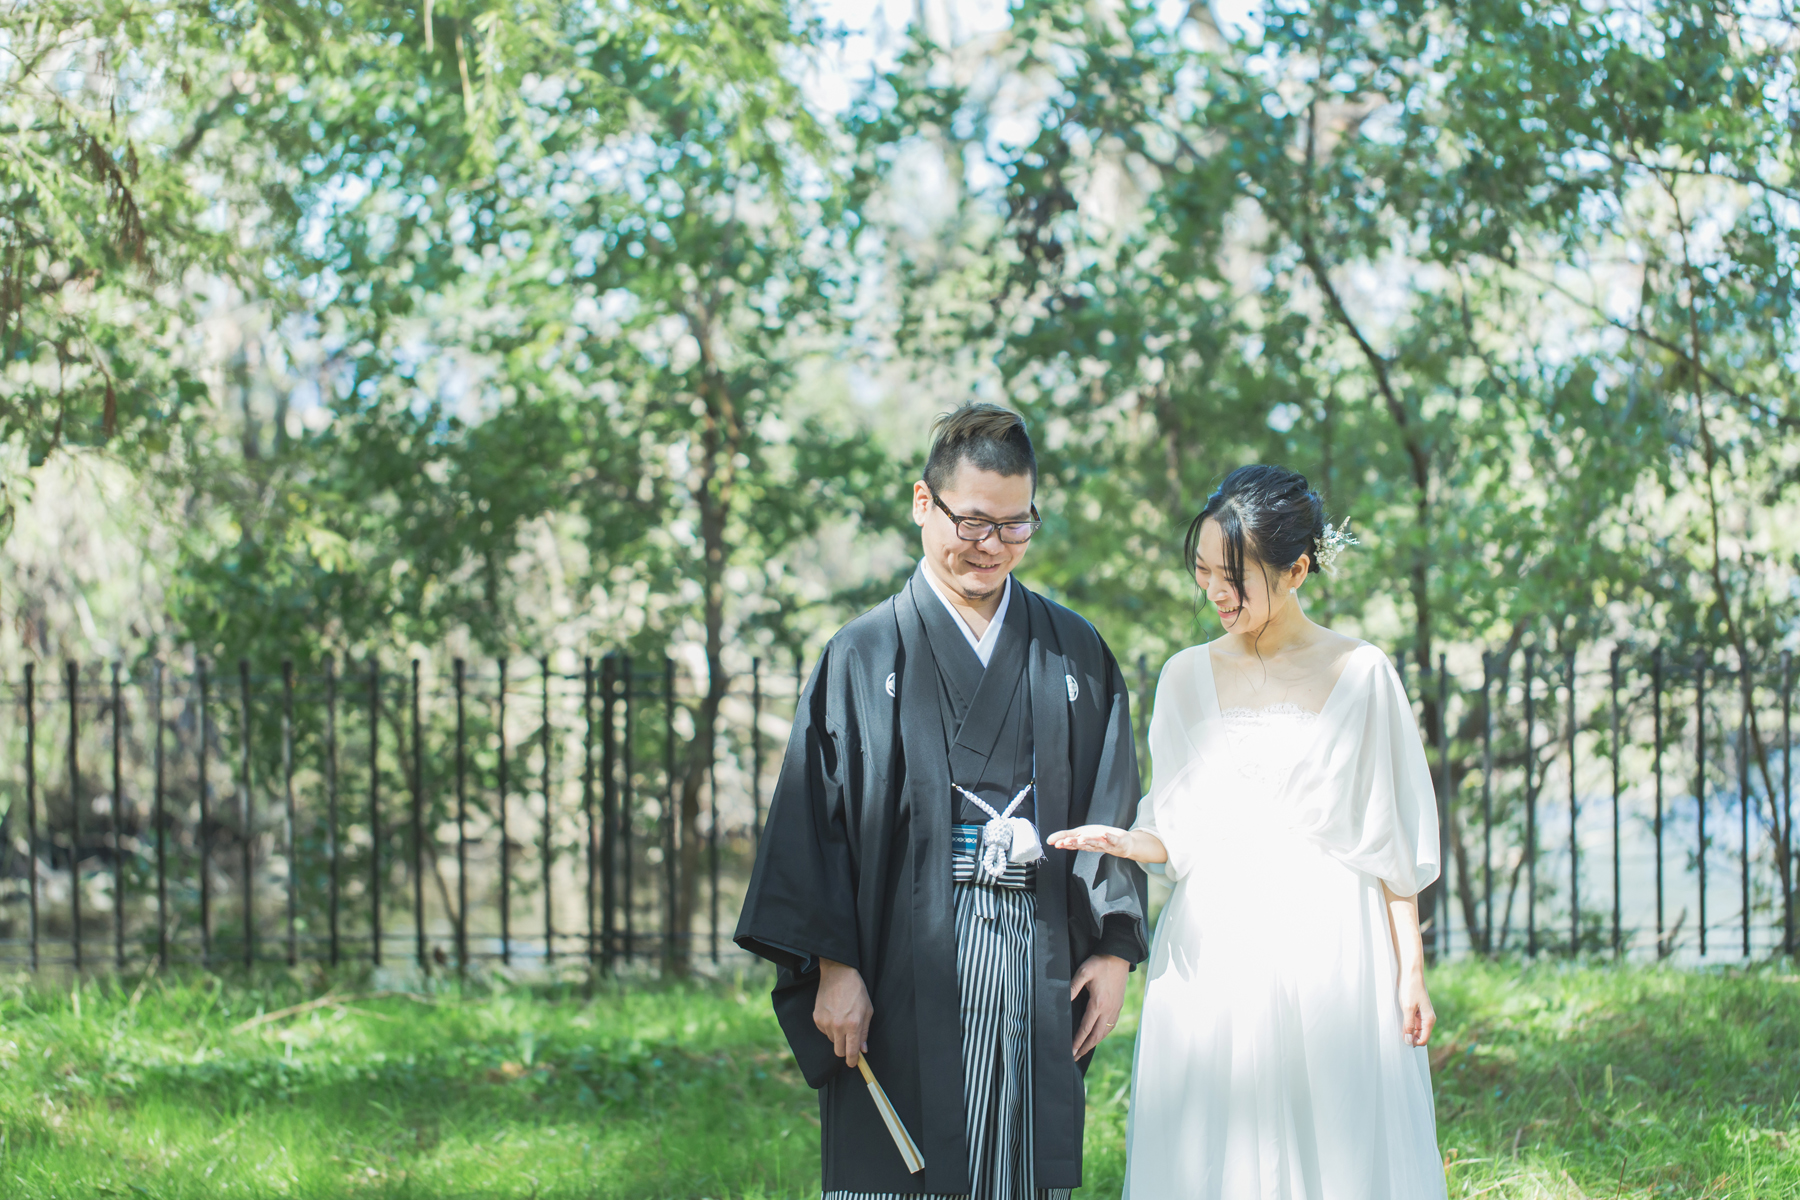 結婚パーティの前にウェディングフォト